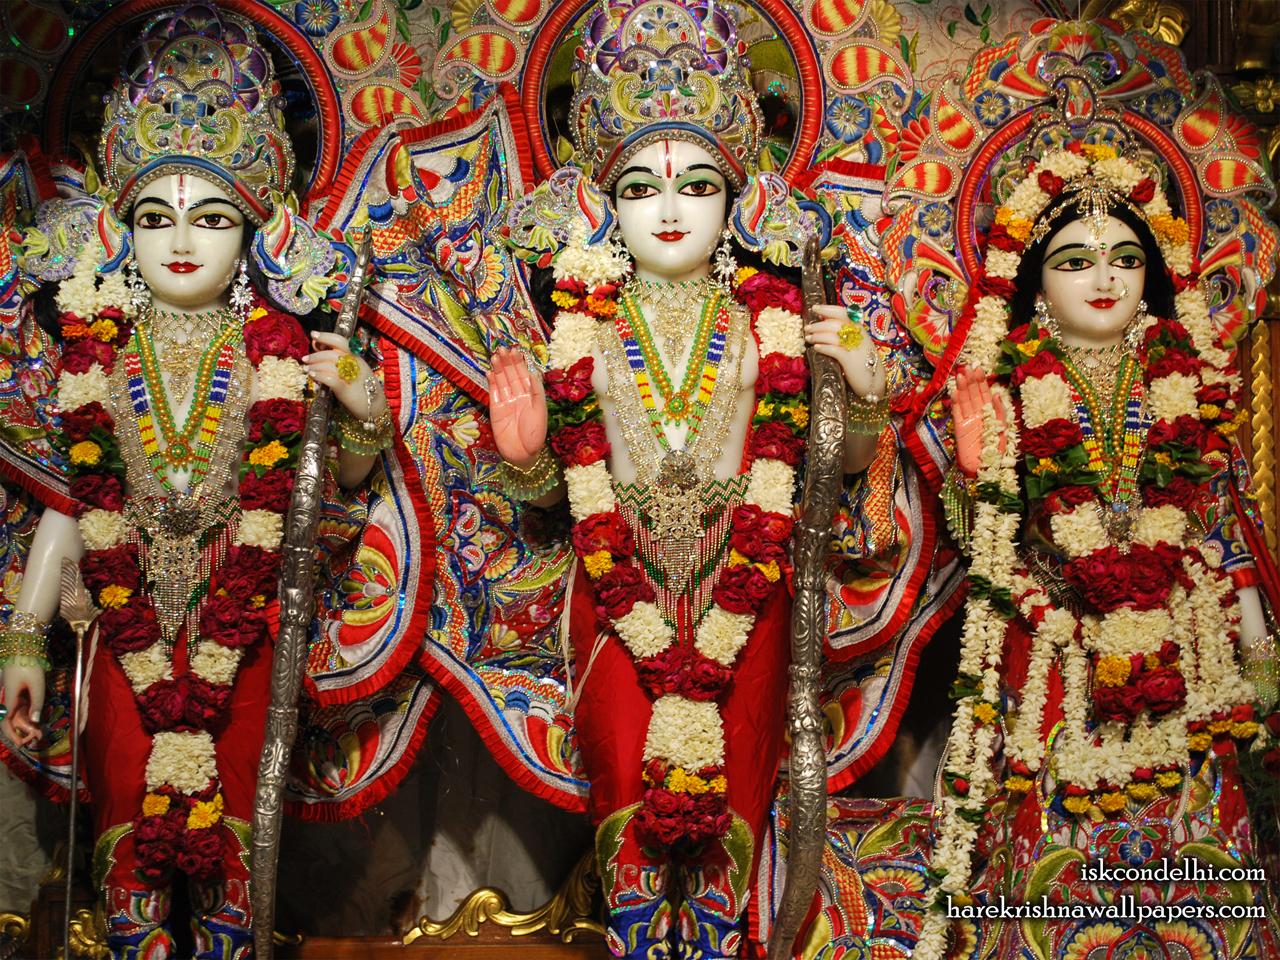 Sri Sri Sita Rama Laxman Wallpaper (008) Size 1280x960 Download